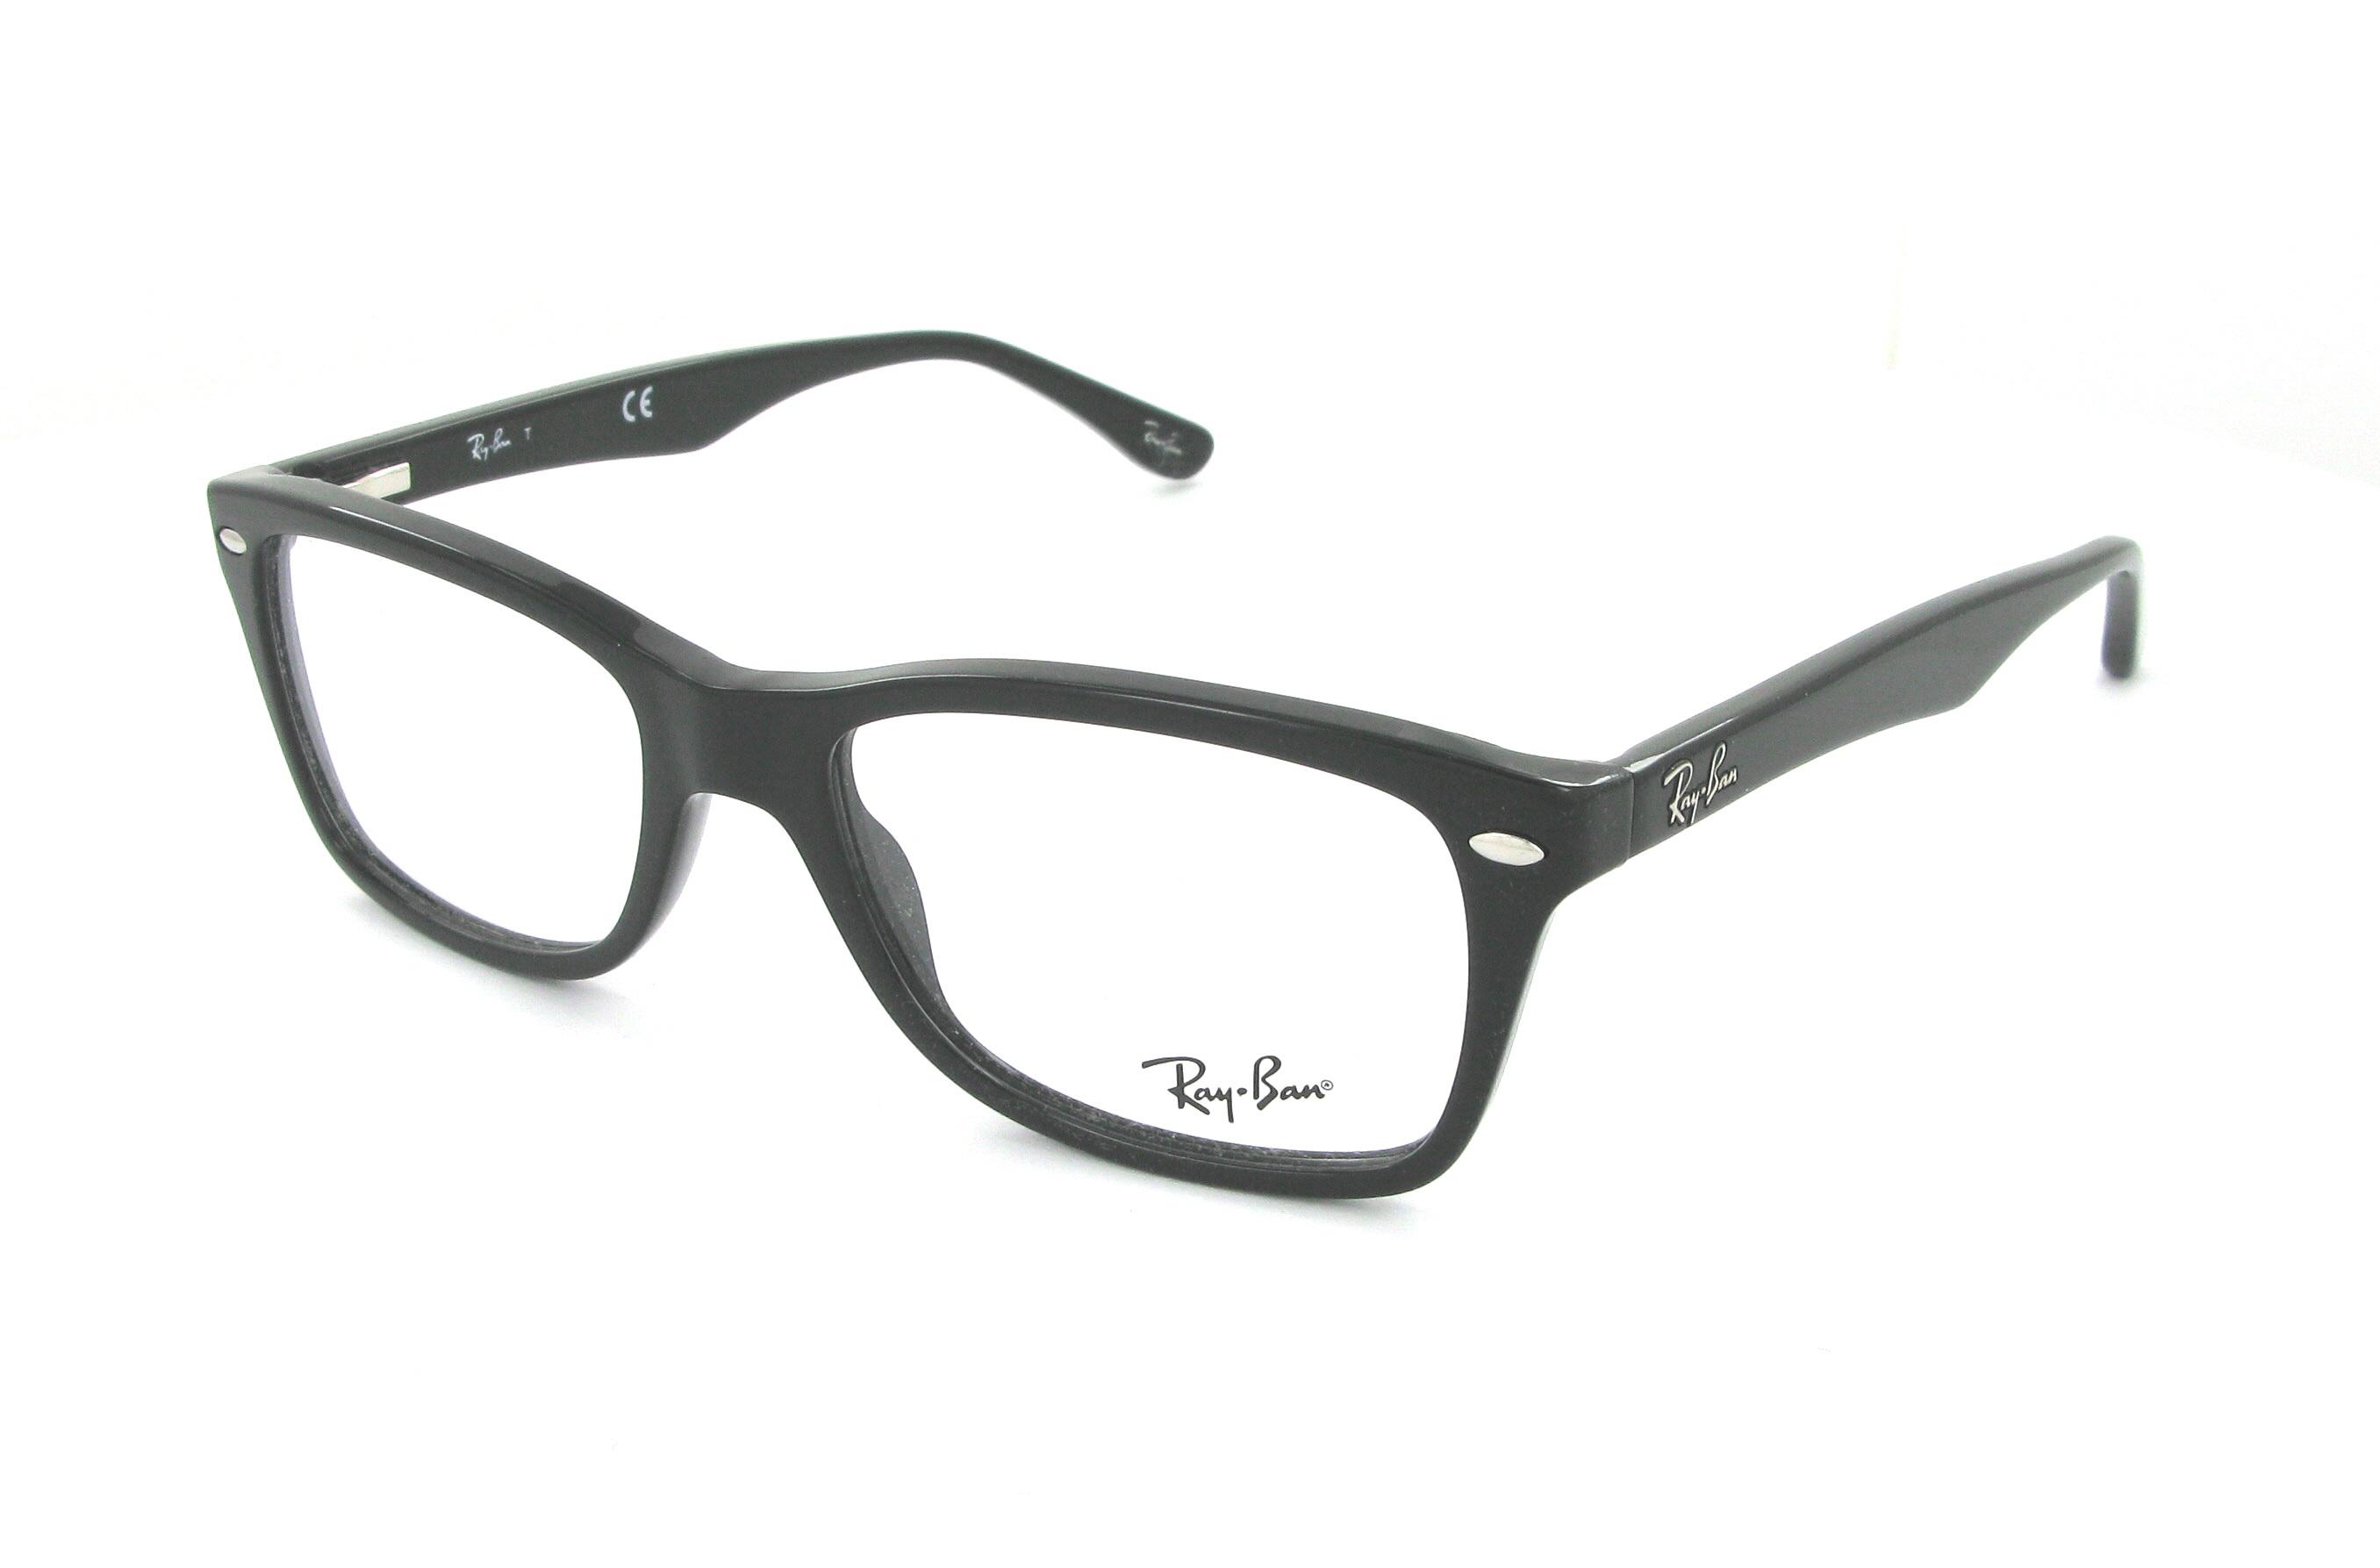 Lunette de vue : utilité de la lunette de vue